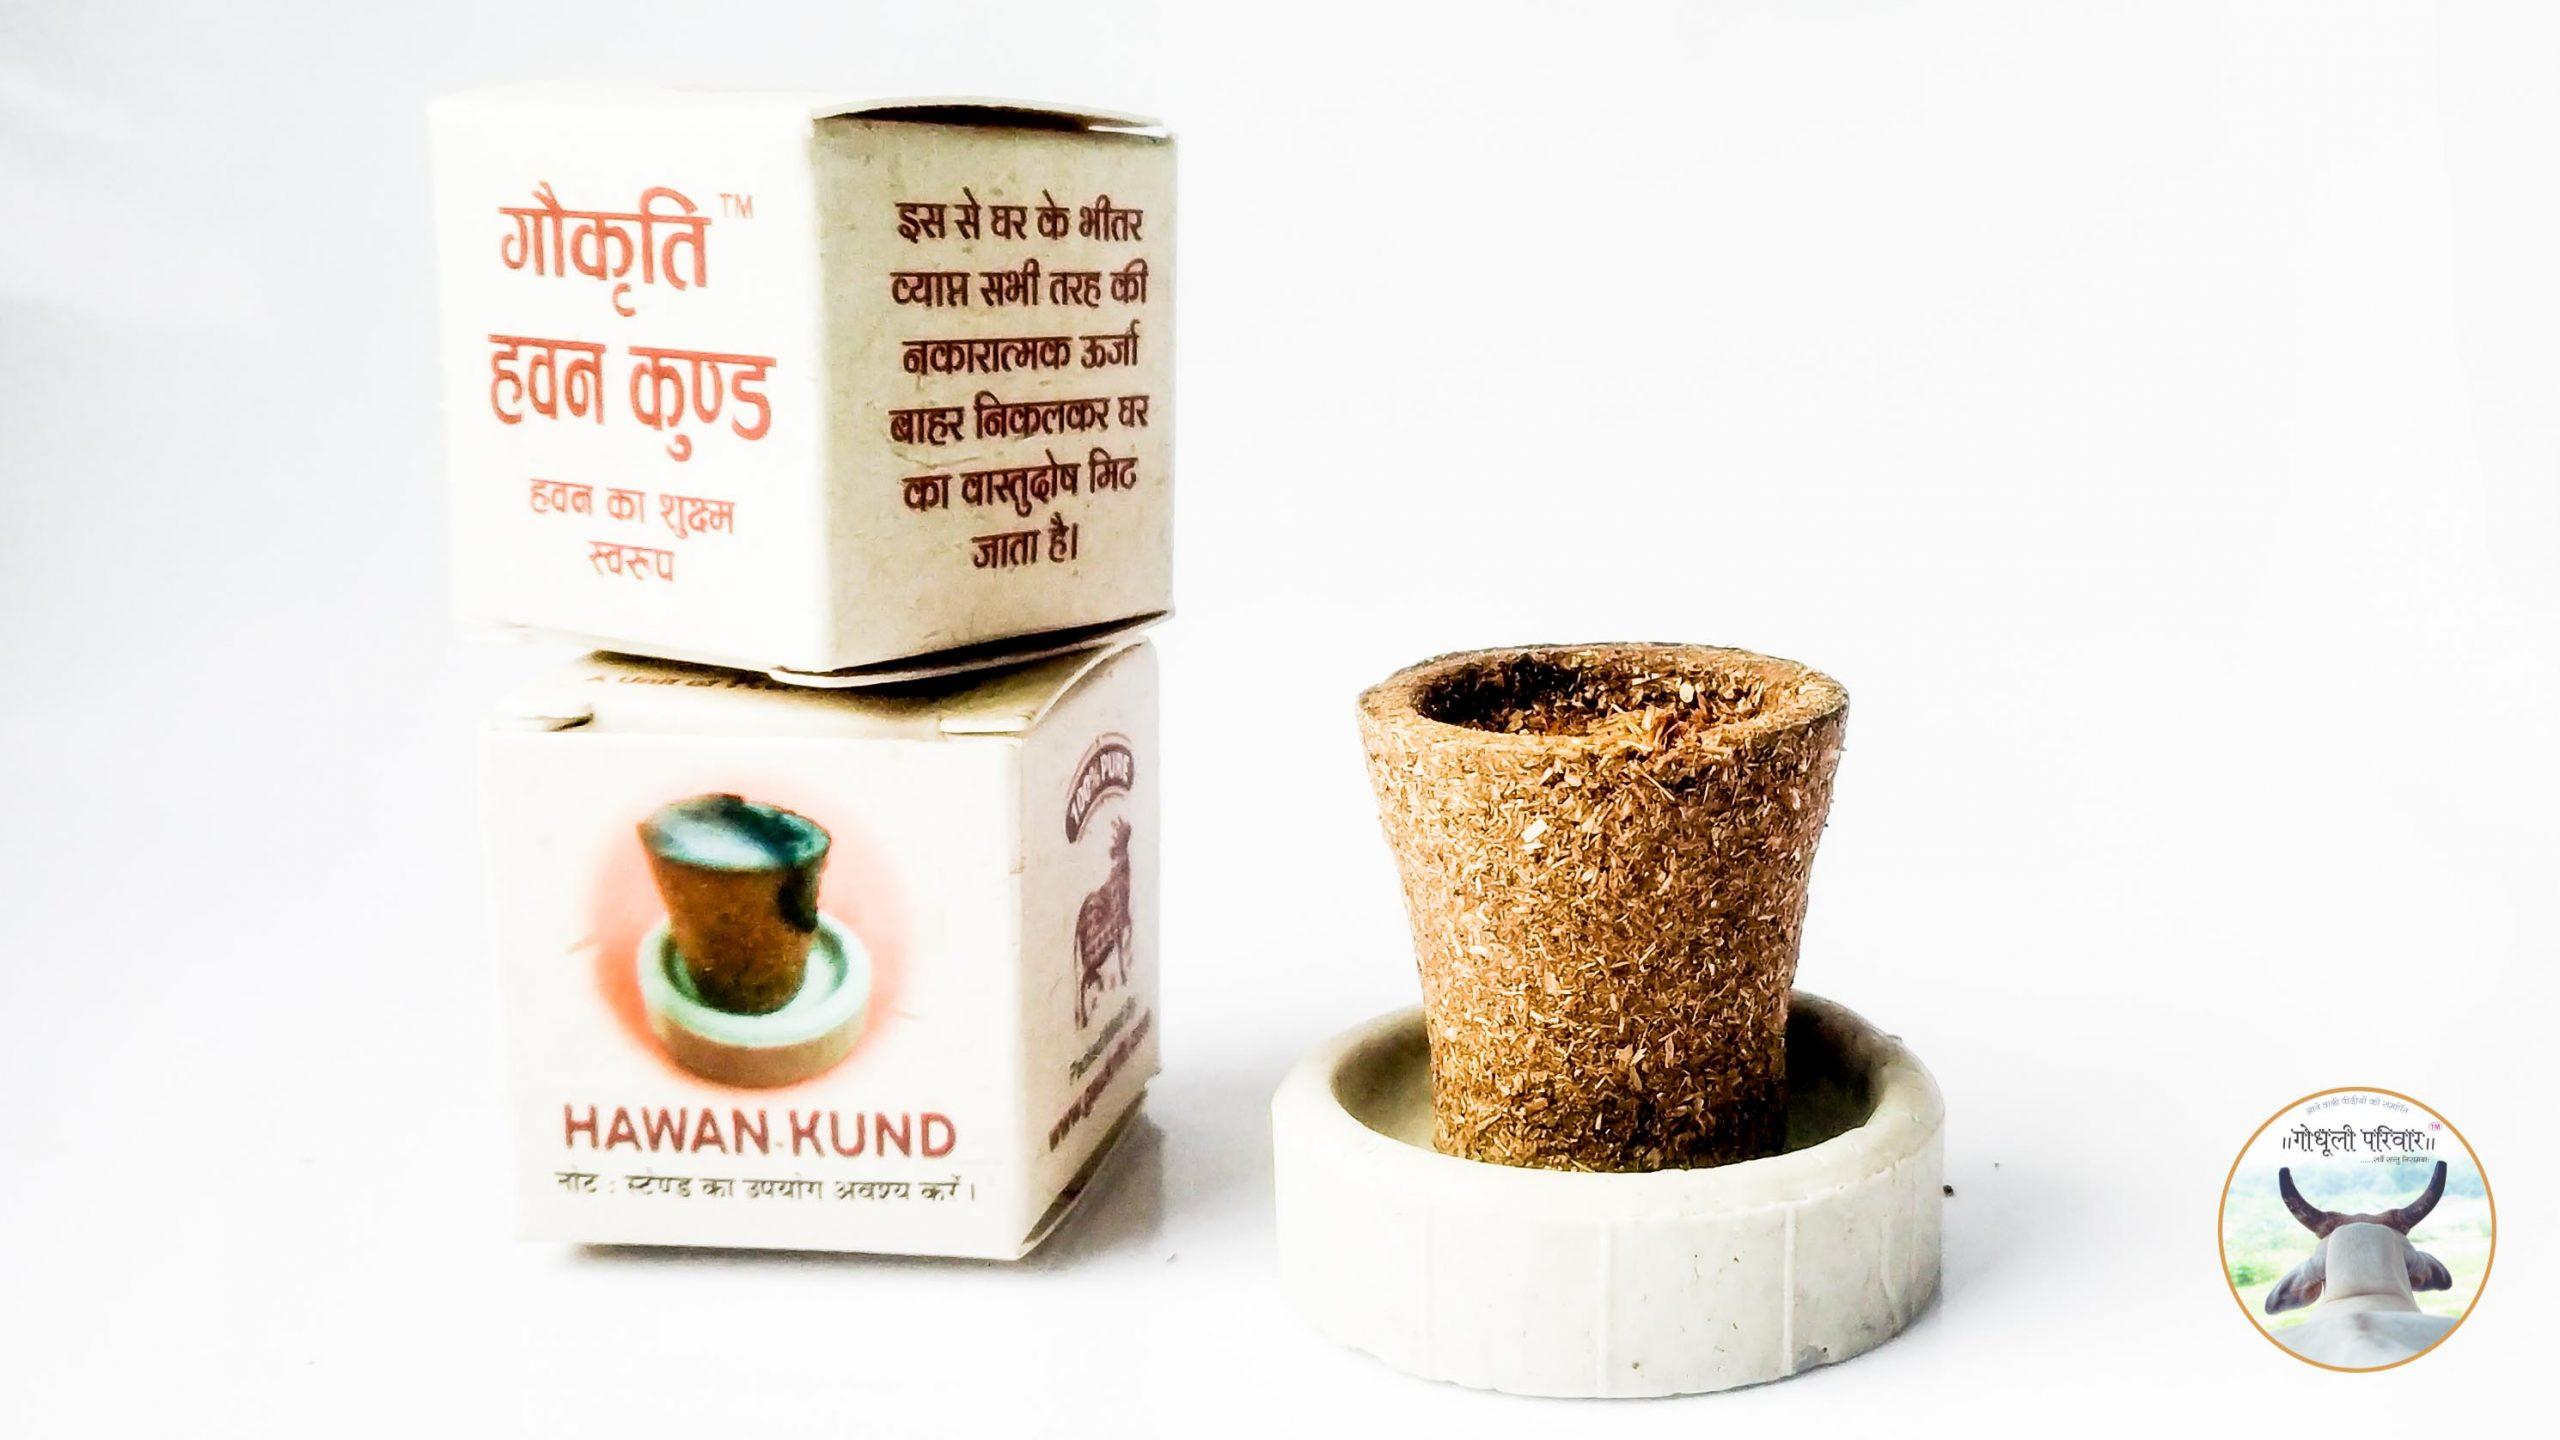 Subtle Hawan Kund / सूक्ष्म हवन कुंड (24 कुंड) – देसी गाय के घी से युक्त हवन सामग्री